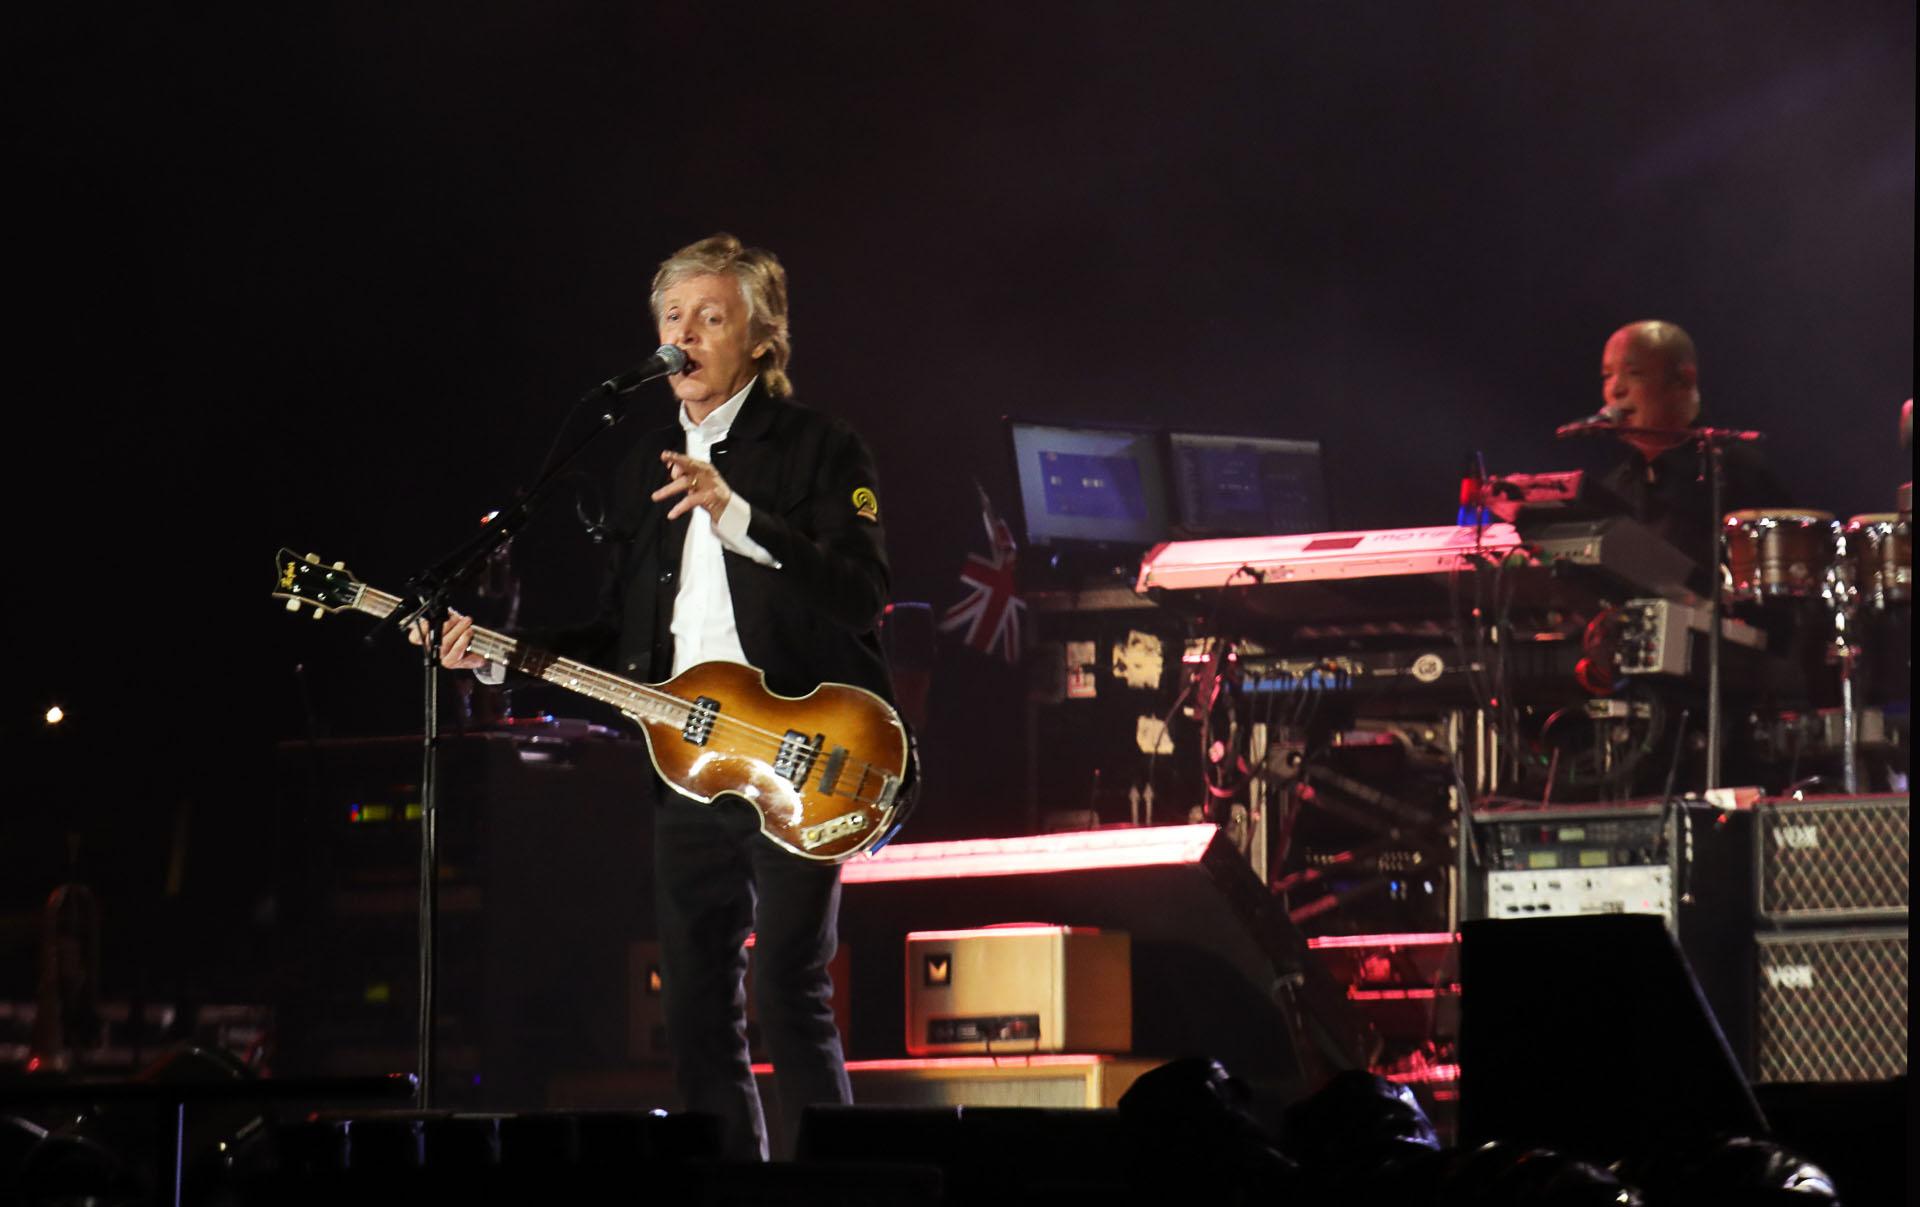 Se trata de la cuarta visita del ex Beatle al país: ya se había presentado en 1993, 2010 y 2016 (Christian Bochichio / Teleshow)